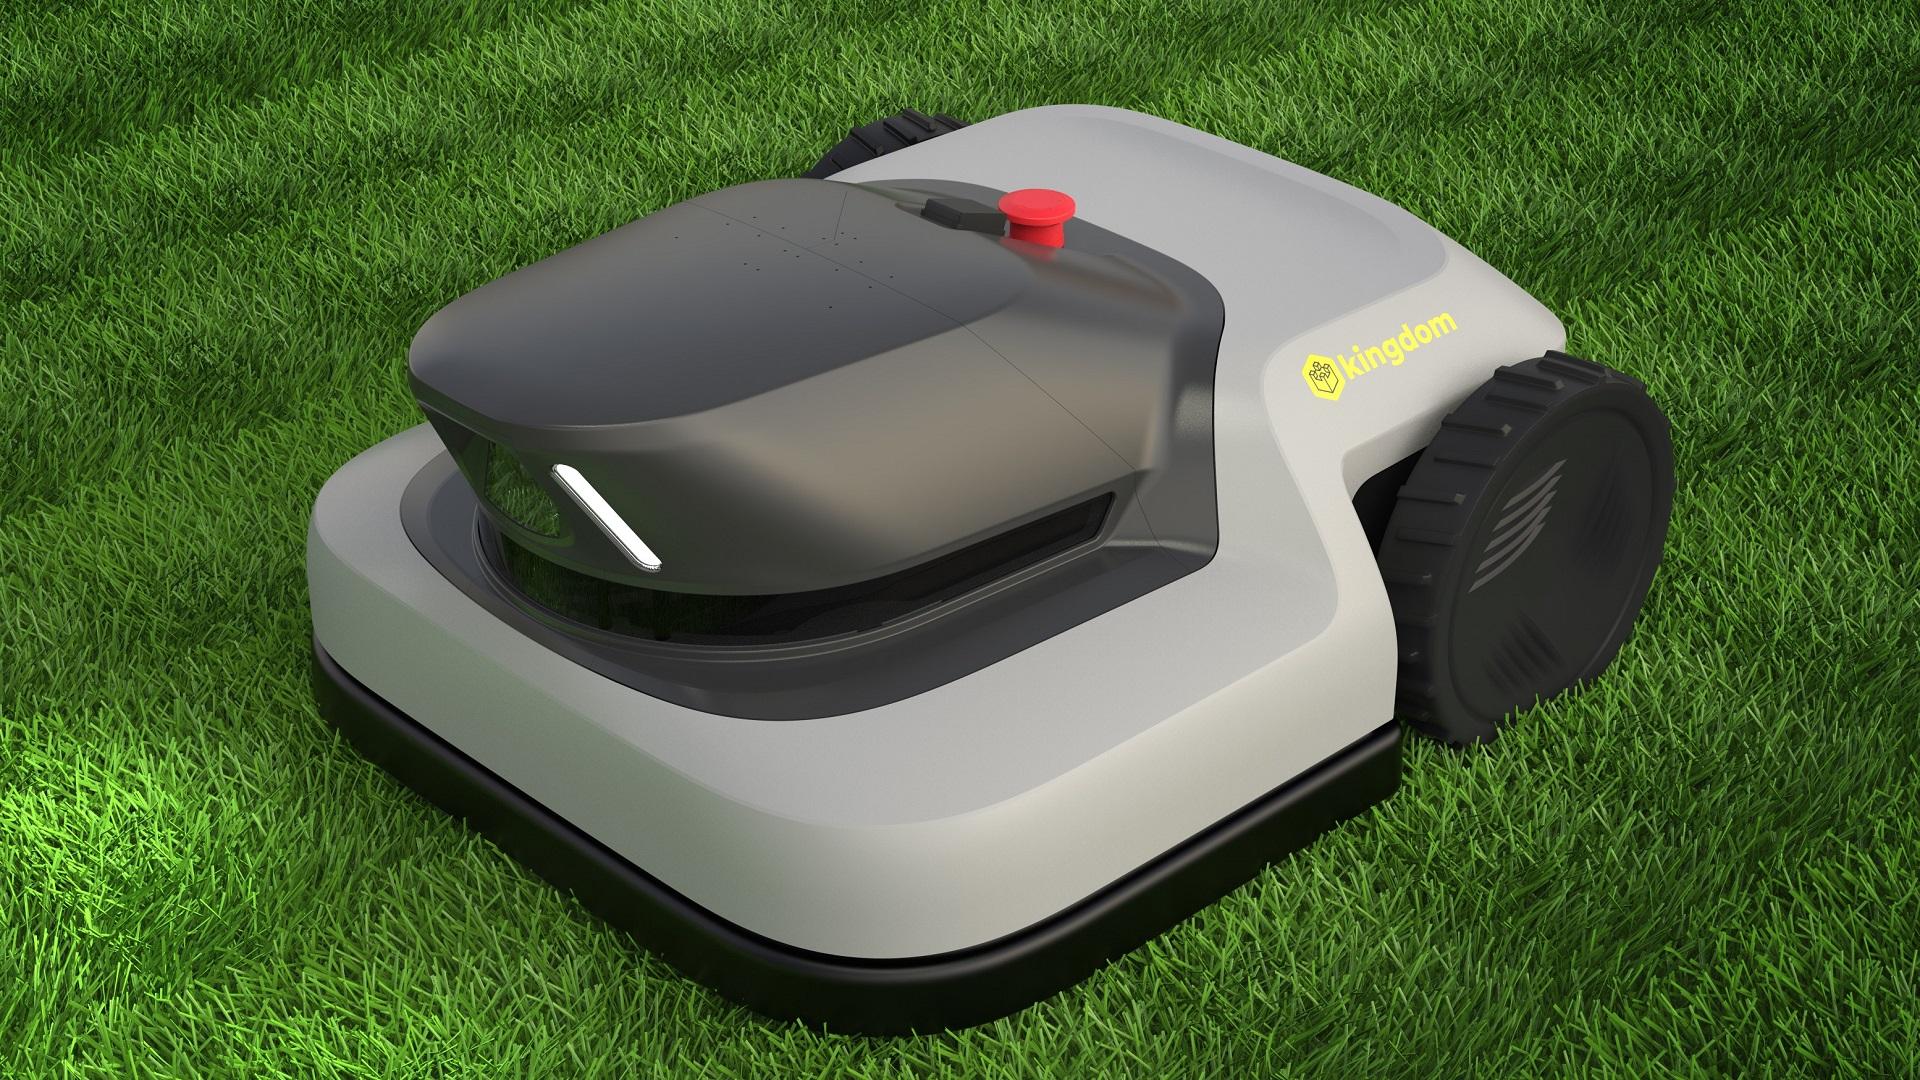 Eesti firma tahab teha maailma nutikaimat robotniidukit ja sai selleks ligi pool miljonit eurot